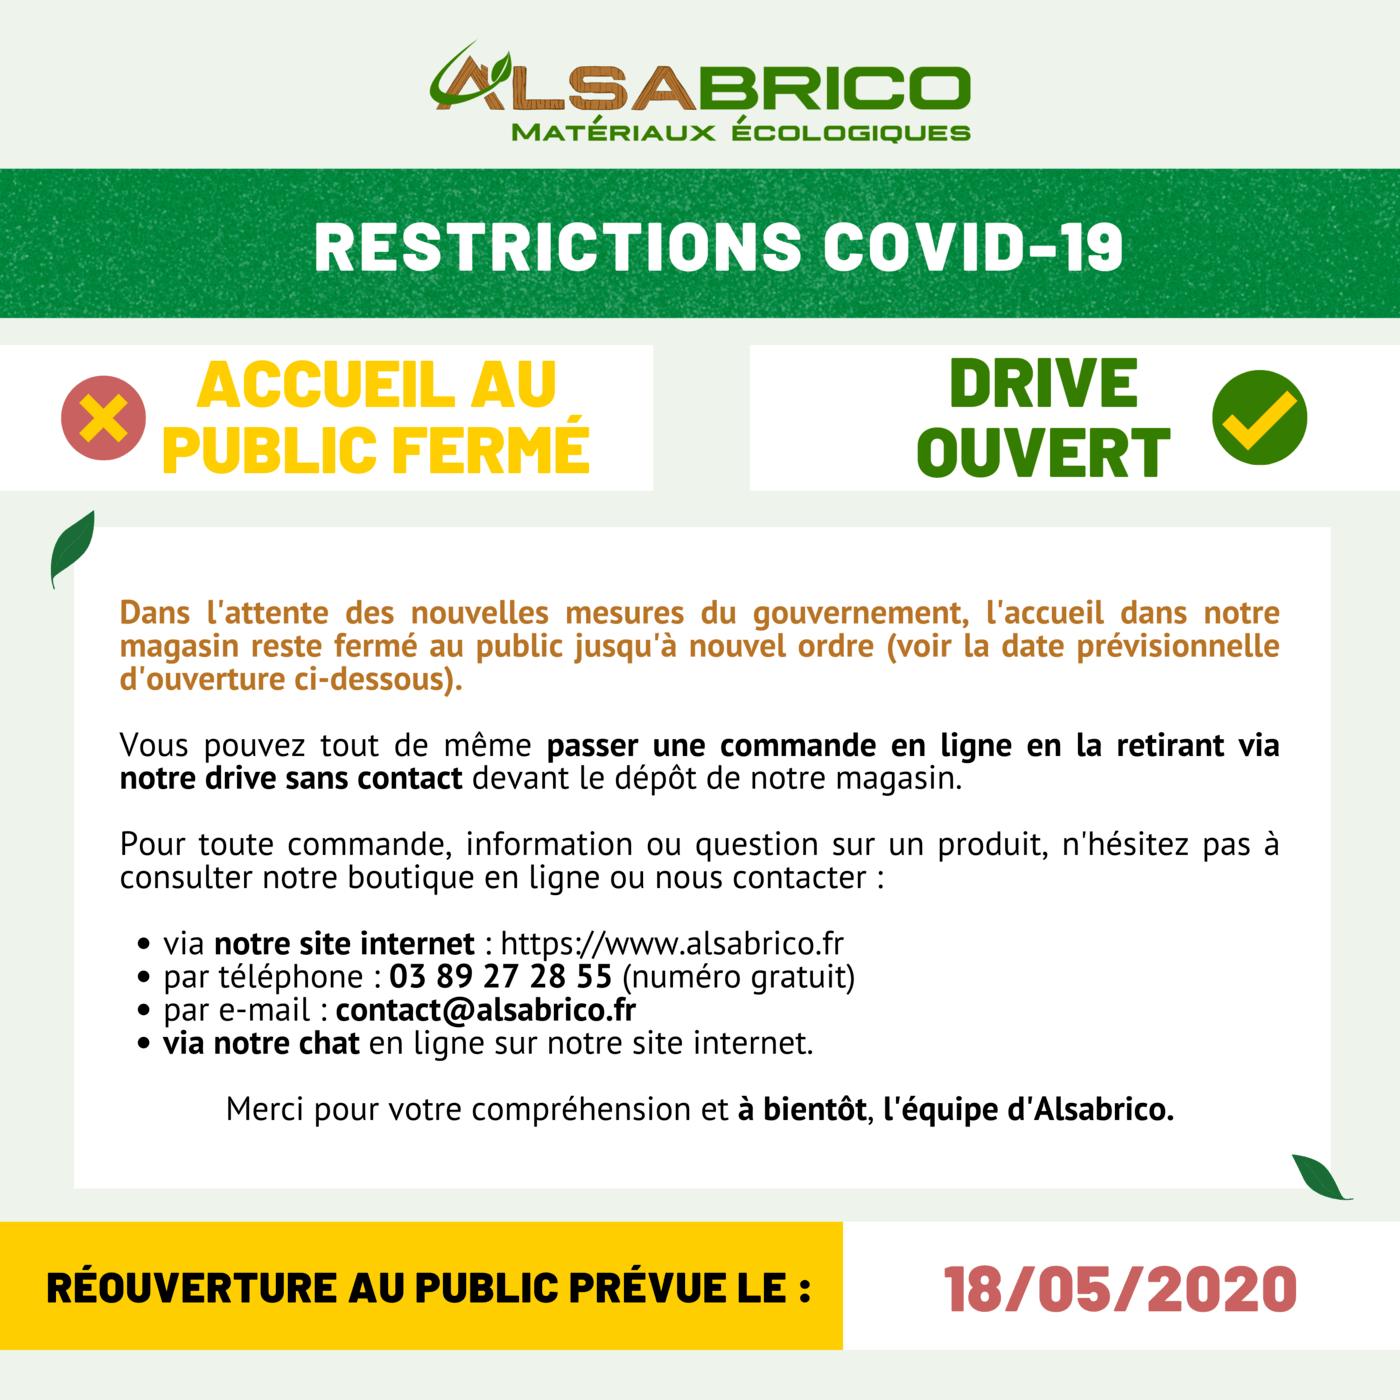 COVID-19 : Restriction : l'accueil au public est fermé jusqu'au 18 mai 2020